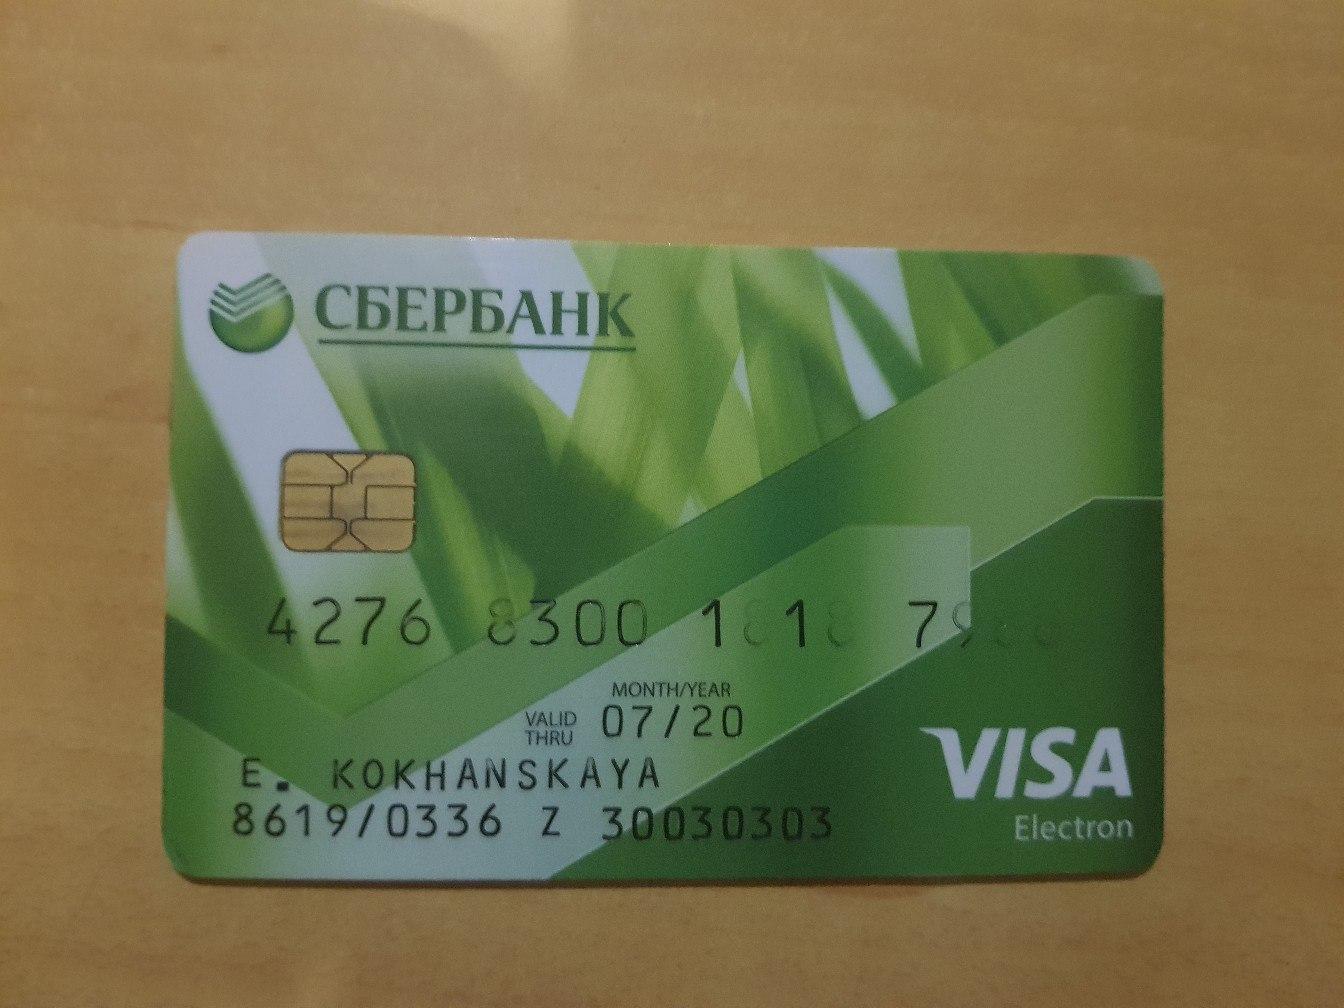 В ТЦ Калейдоскоп найдена карта сбербанка, фамилия владельца Коханская, звоните вернем 89180211285.